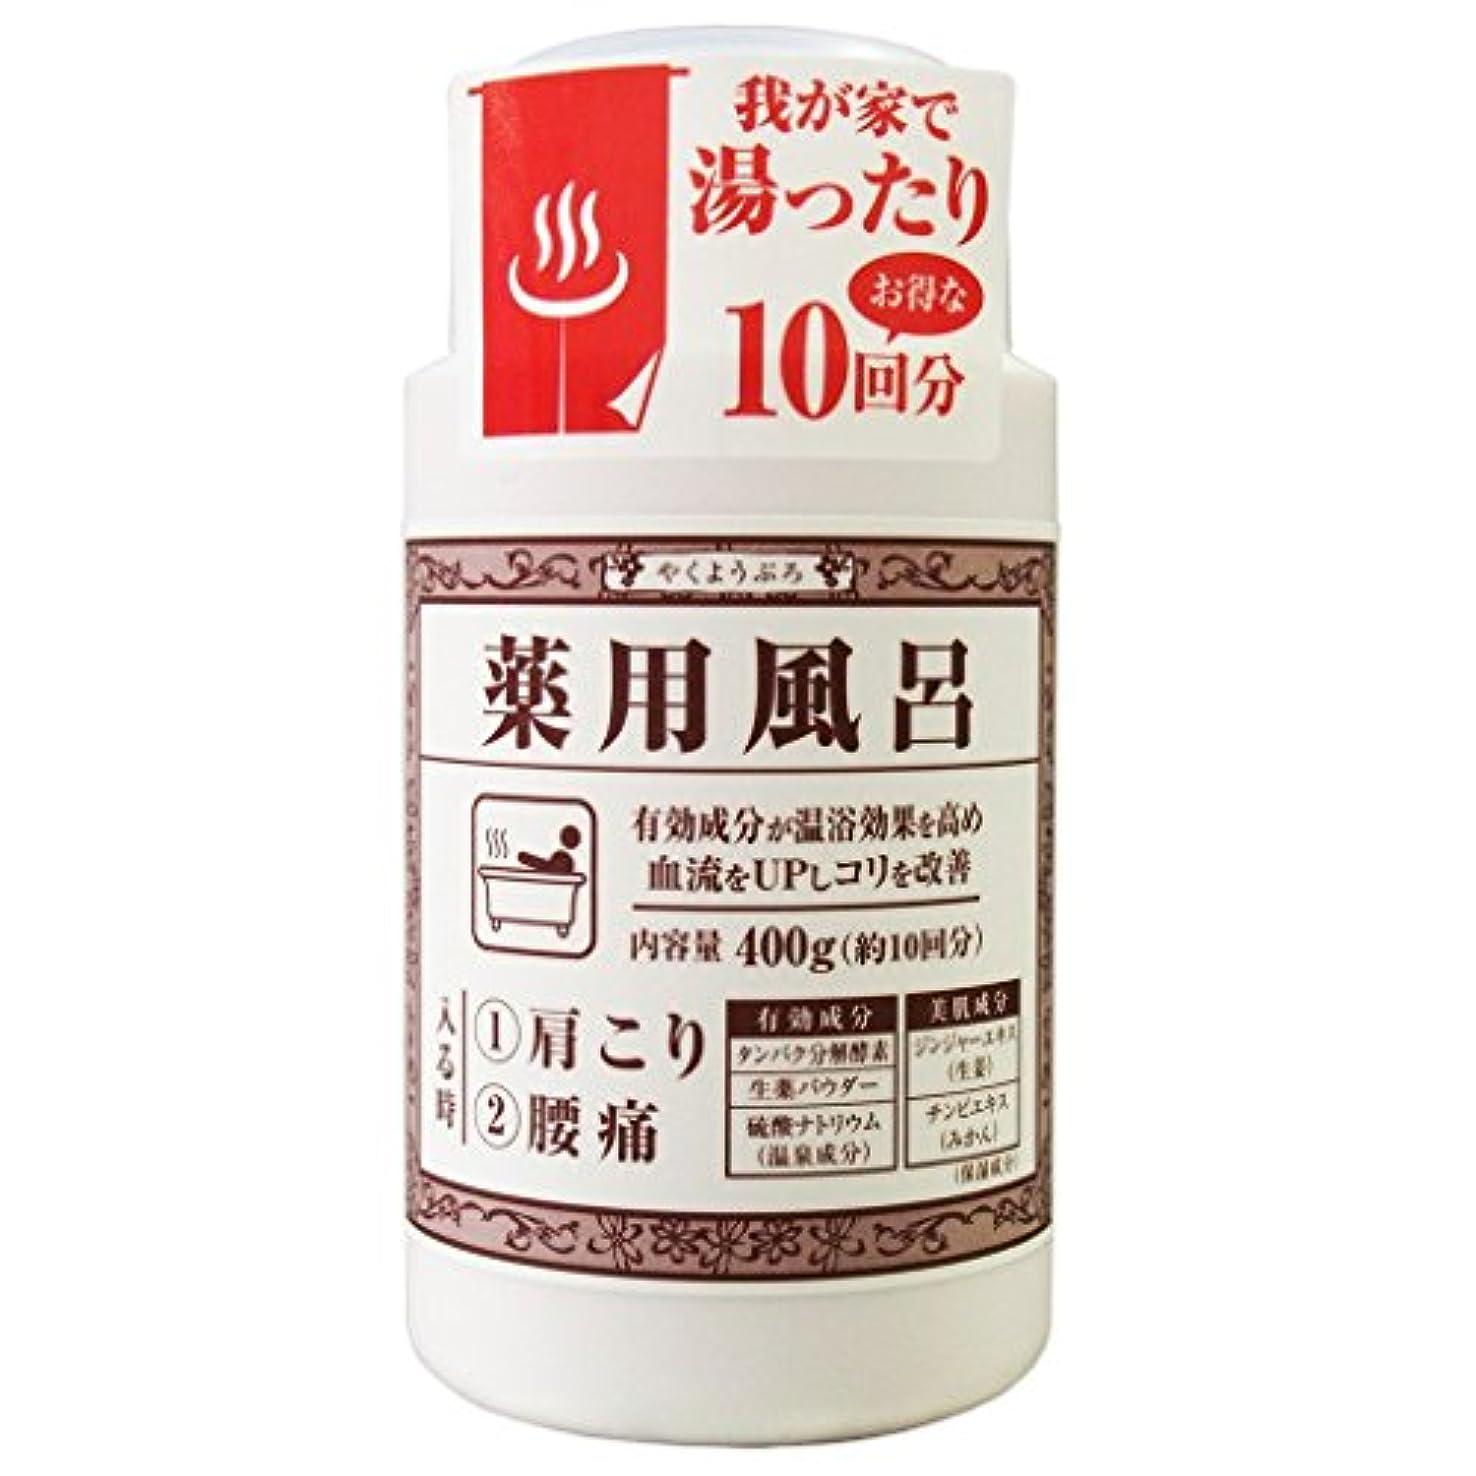 注釈乏しい更新する薬用風呂KKa 肩こり?腰痛 ボトル 400g(医薬部外品)